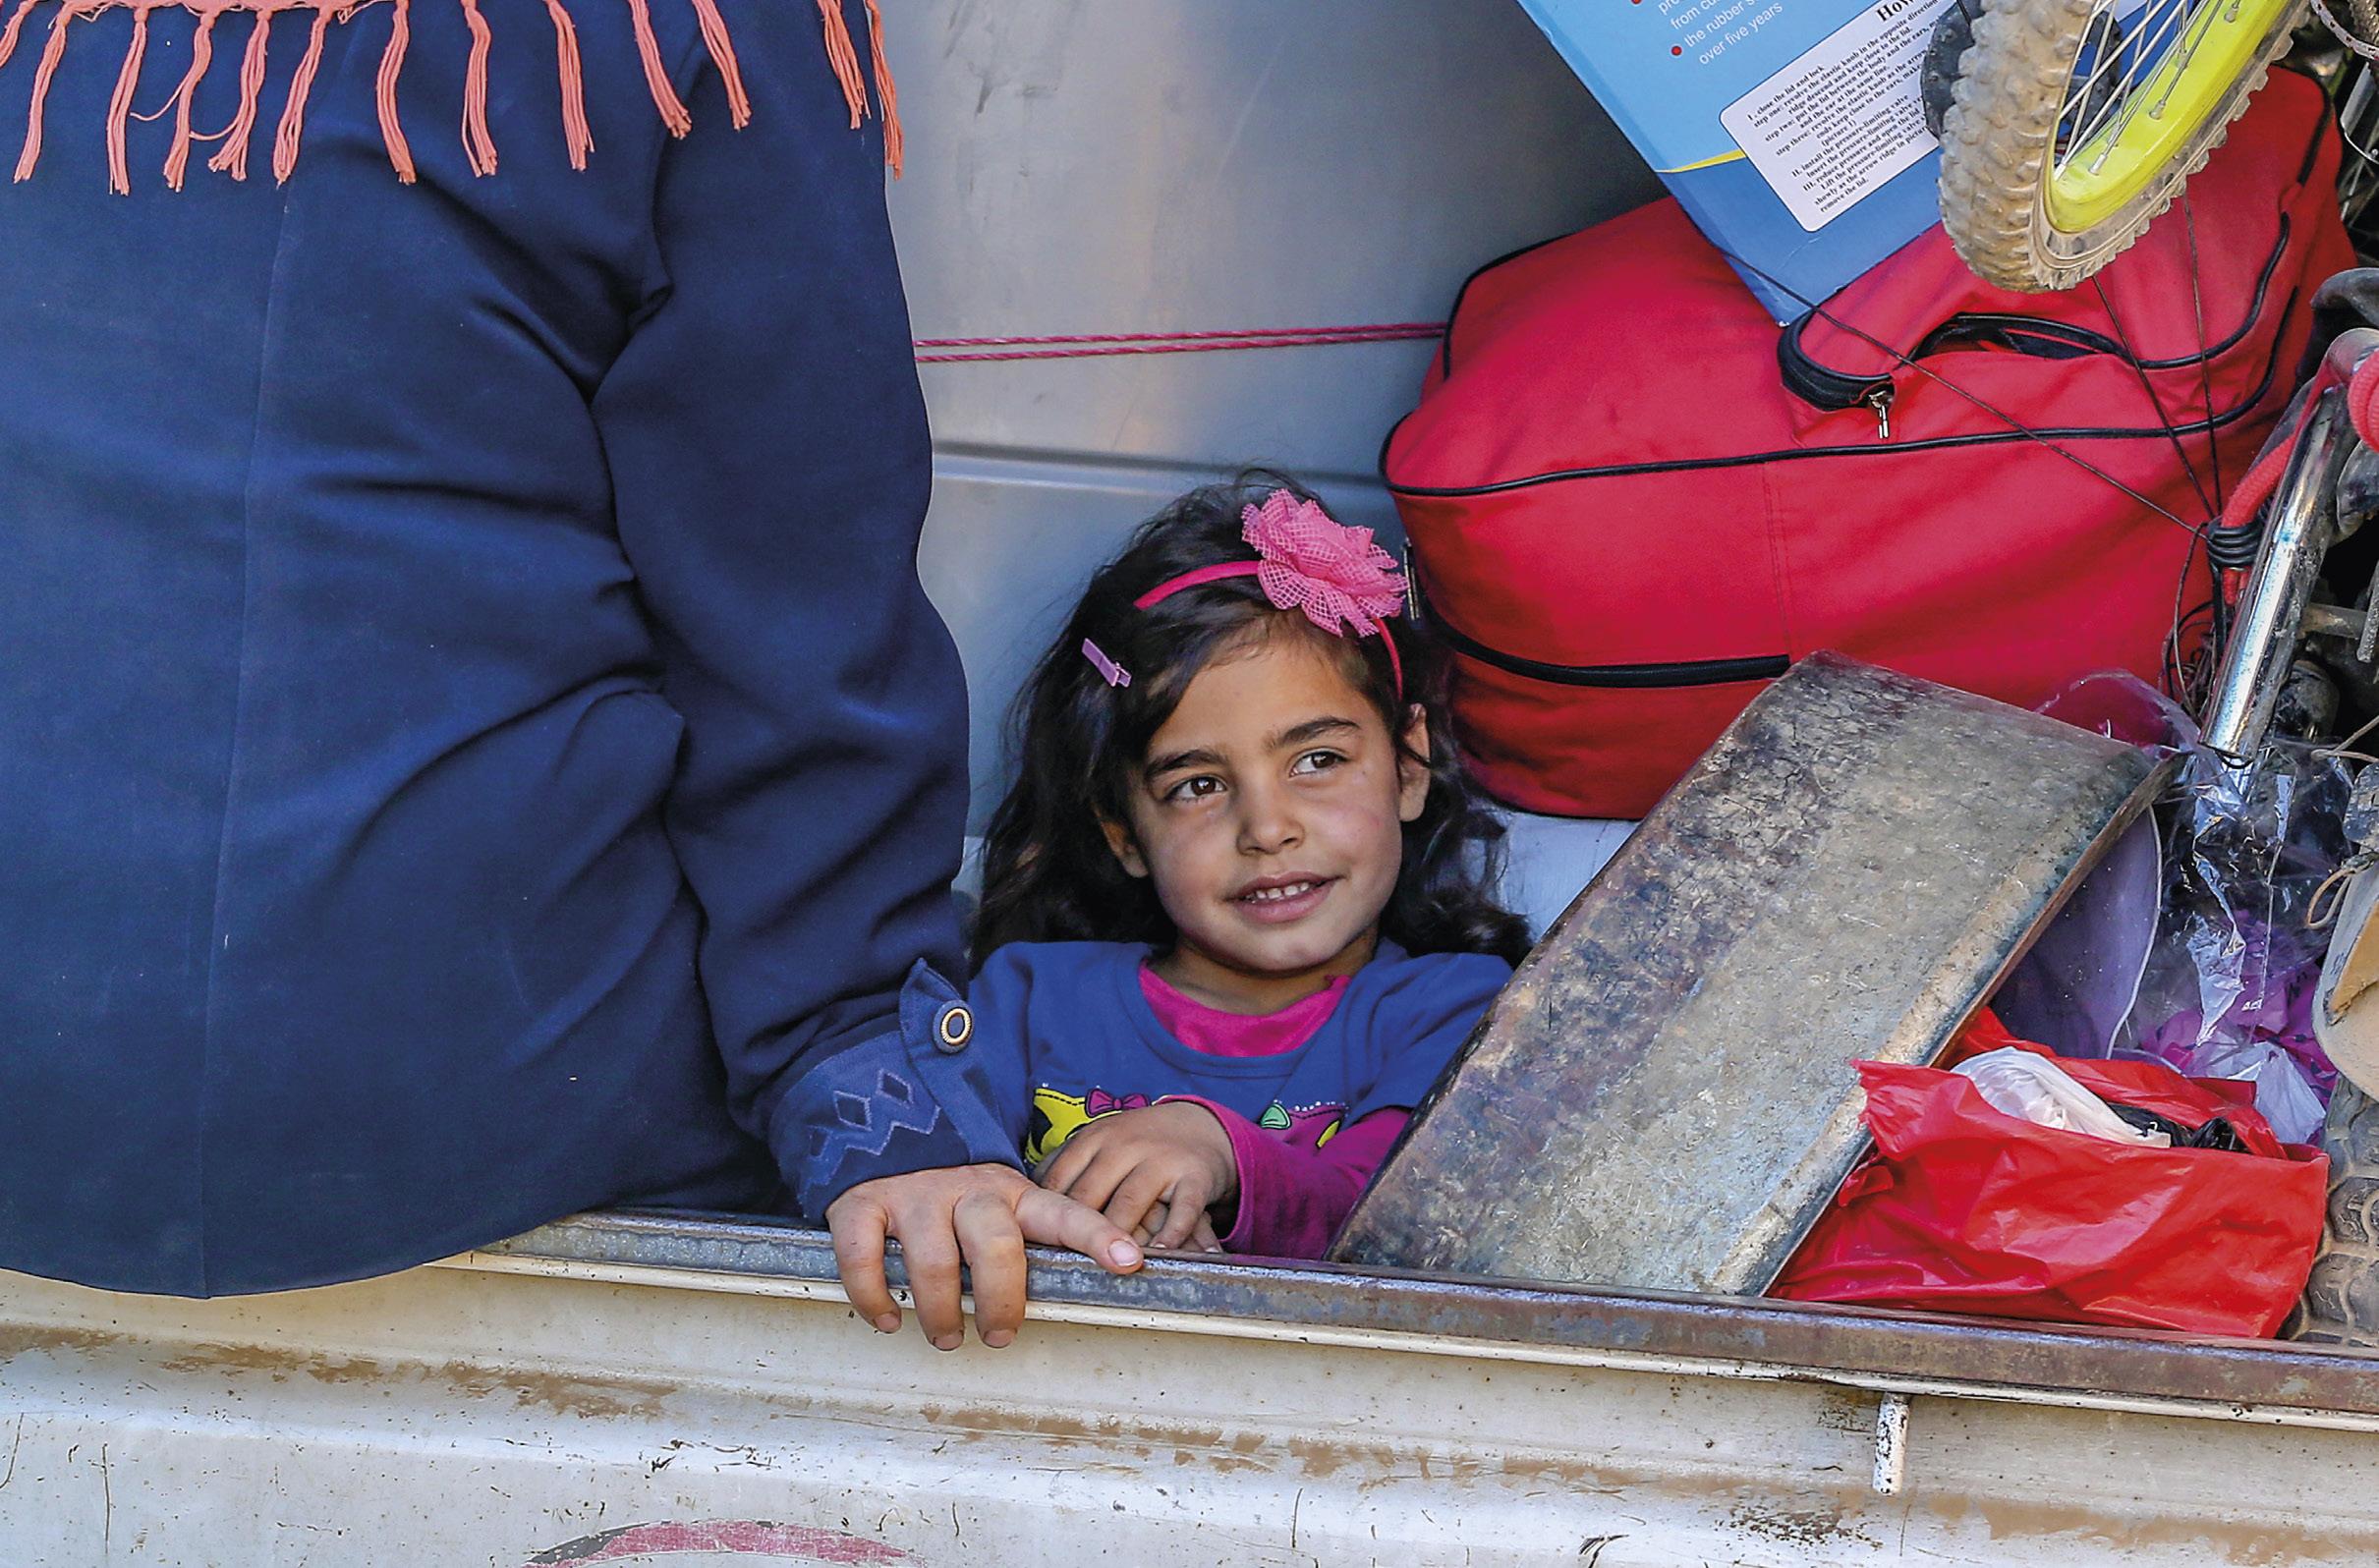 Refugiados sírios num campo de refugiados no Líbano. Segundo o ACNUR haveria, em julho de 2018, 1.011.366 refugiados sírios registados no Líbano. Foto EPA/NABIL MOUNZER